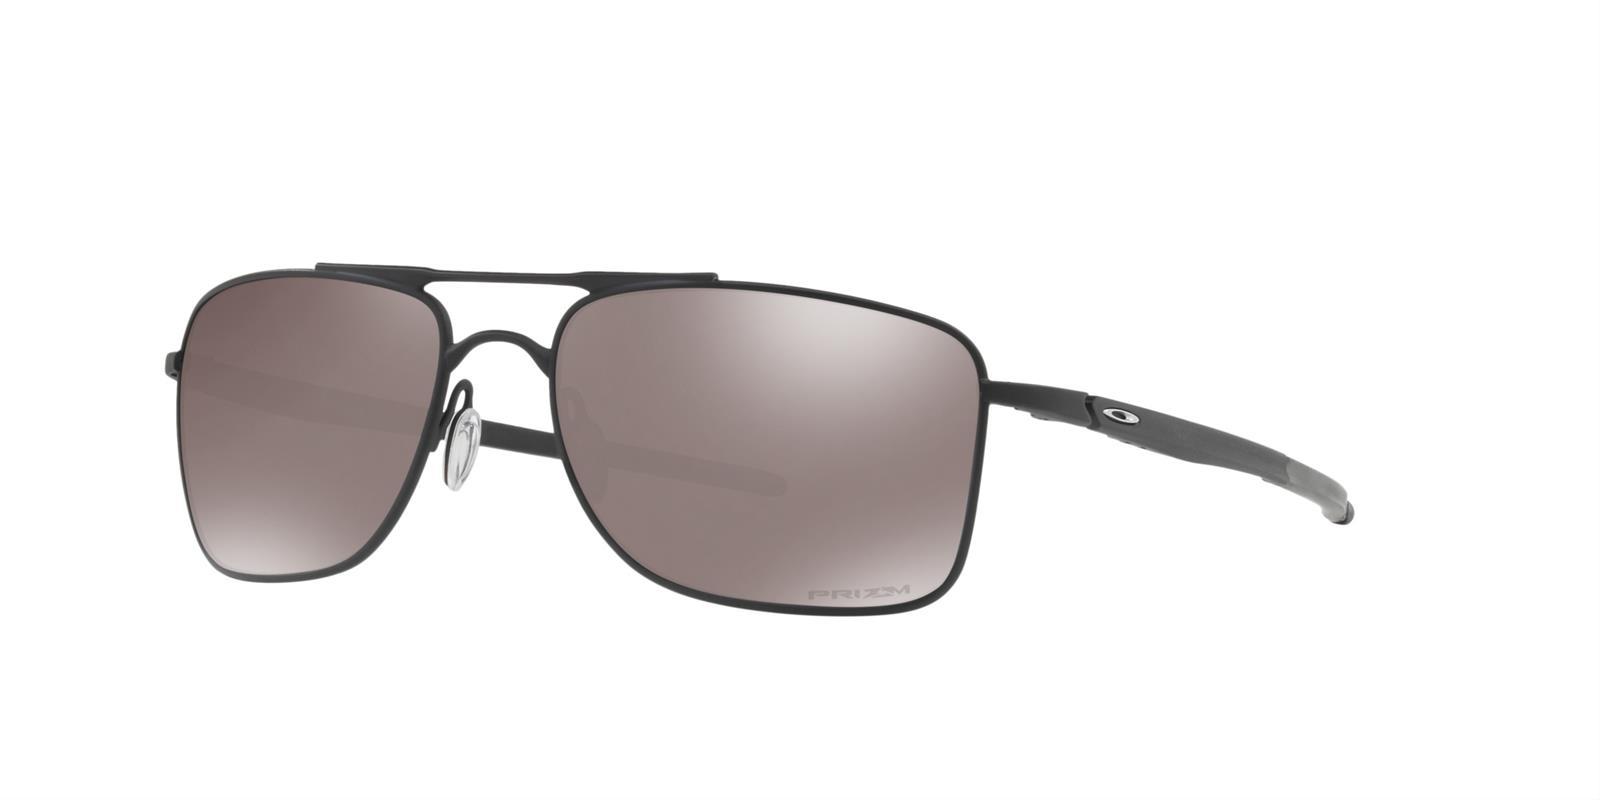 Oakley Gauge 8 >> Oakley Gauge 8 L Sunglasses Oo4124 0262